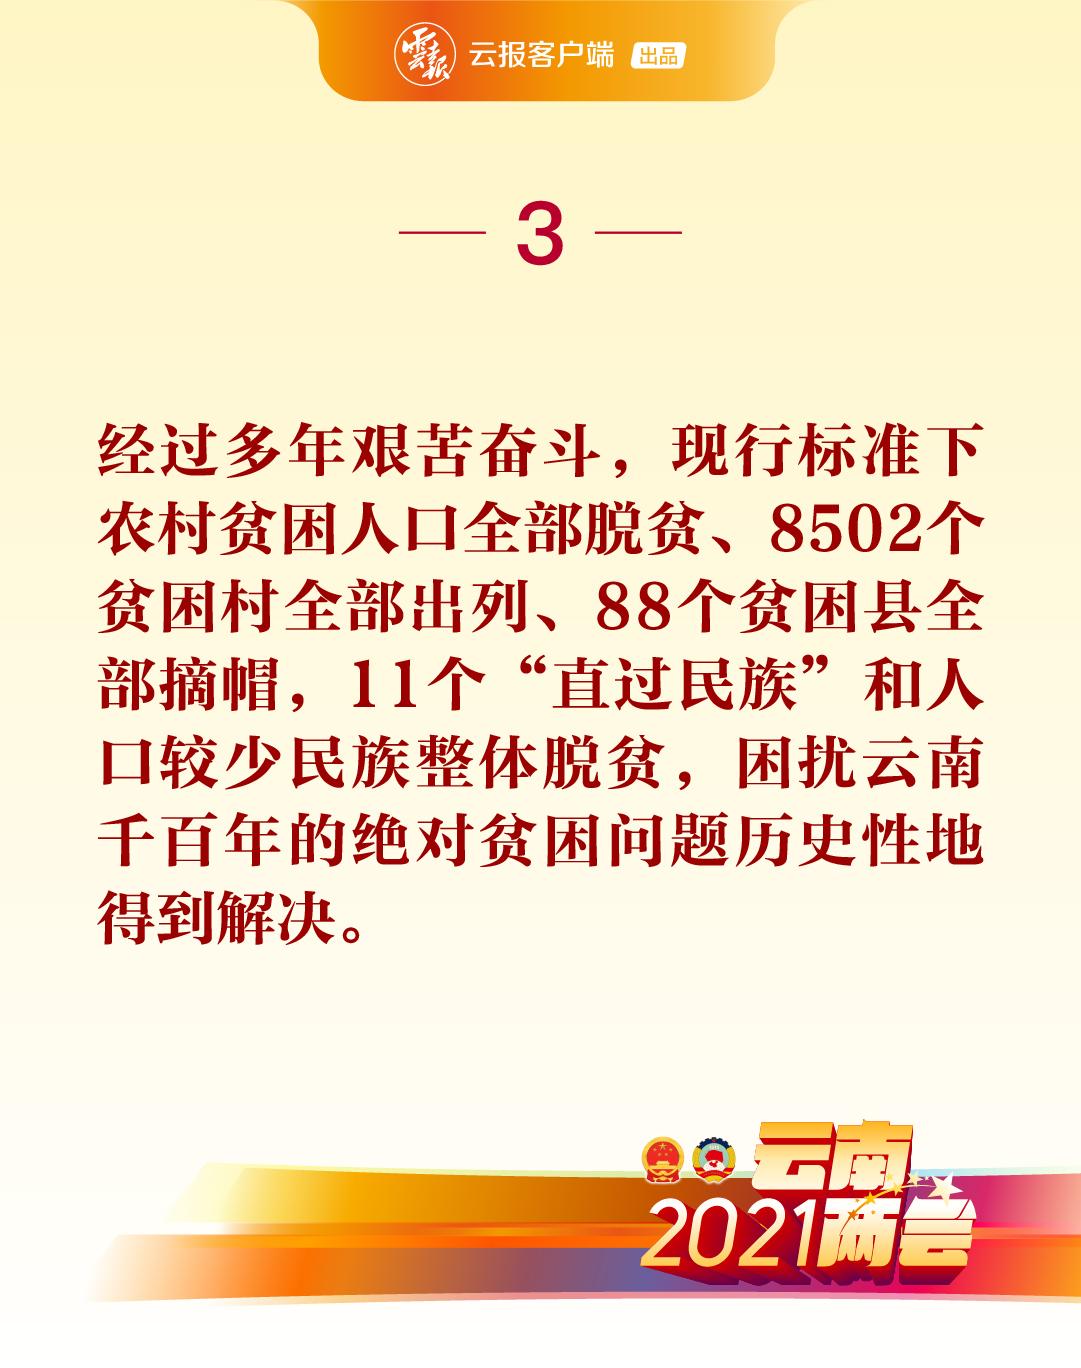 今天,云南代省长这10句话,提士气!暖人心!4.jpg